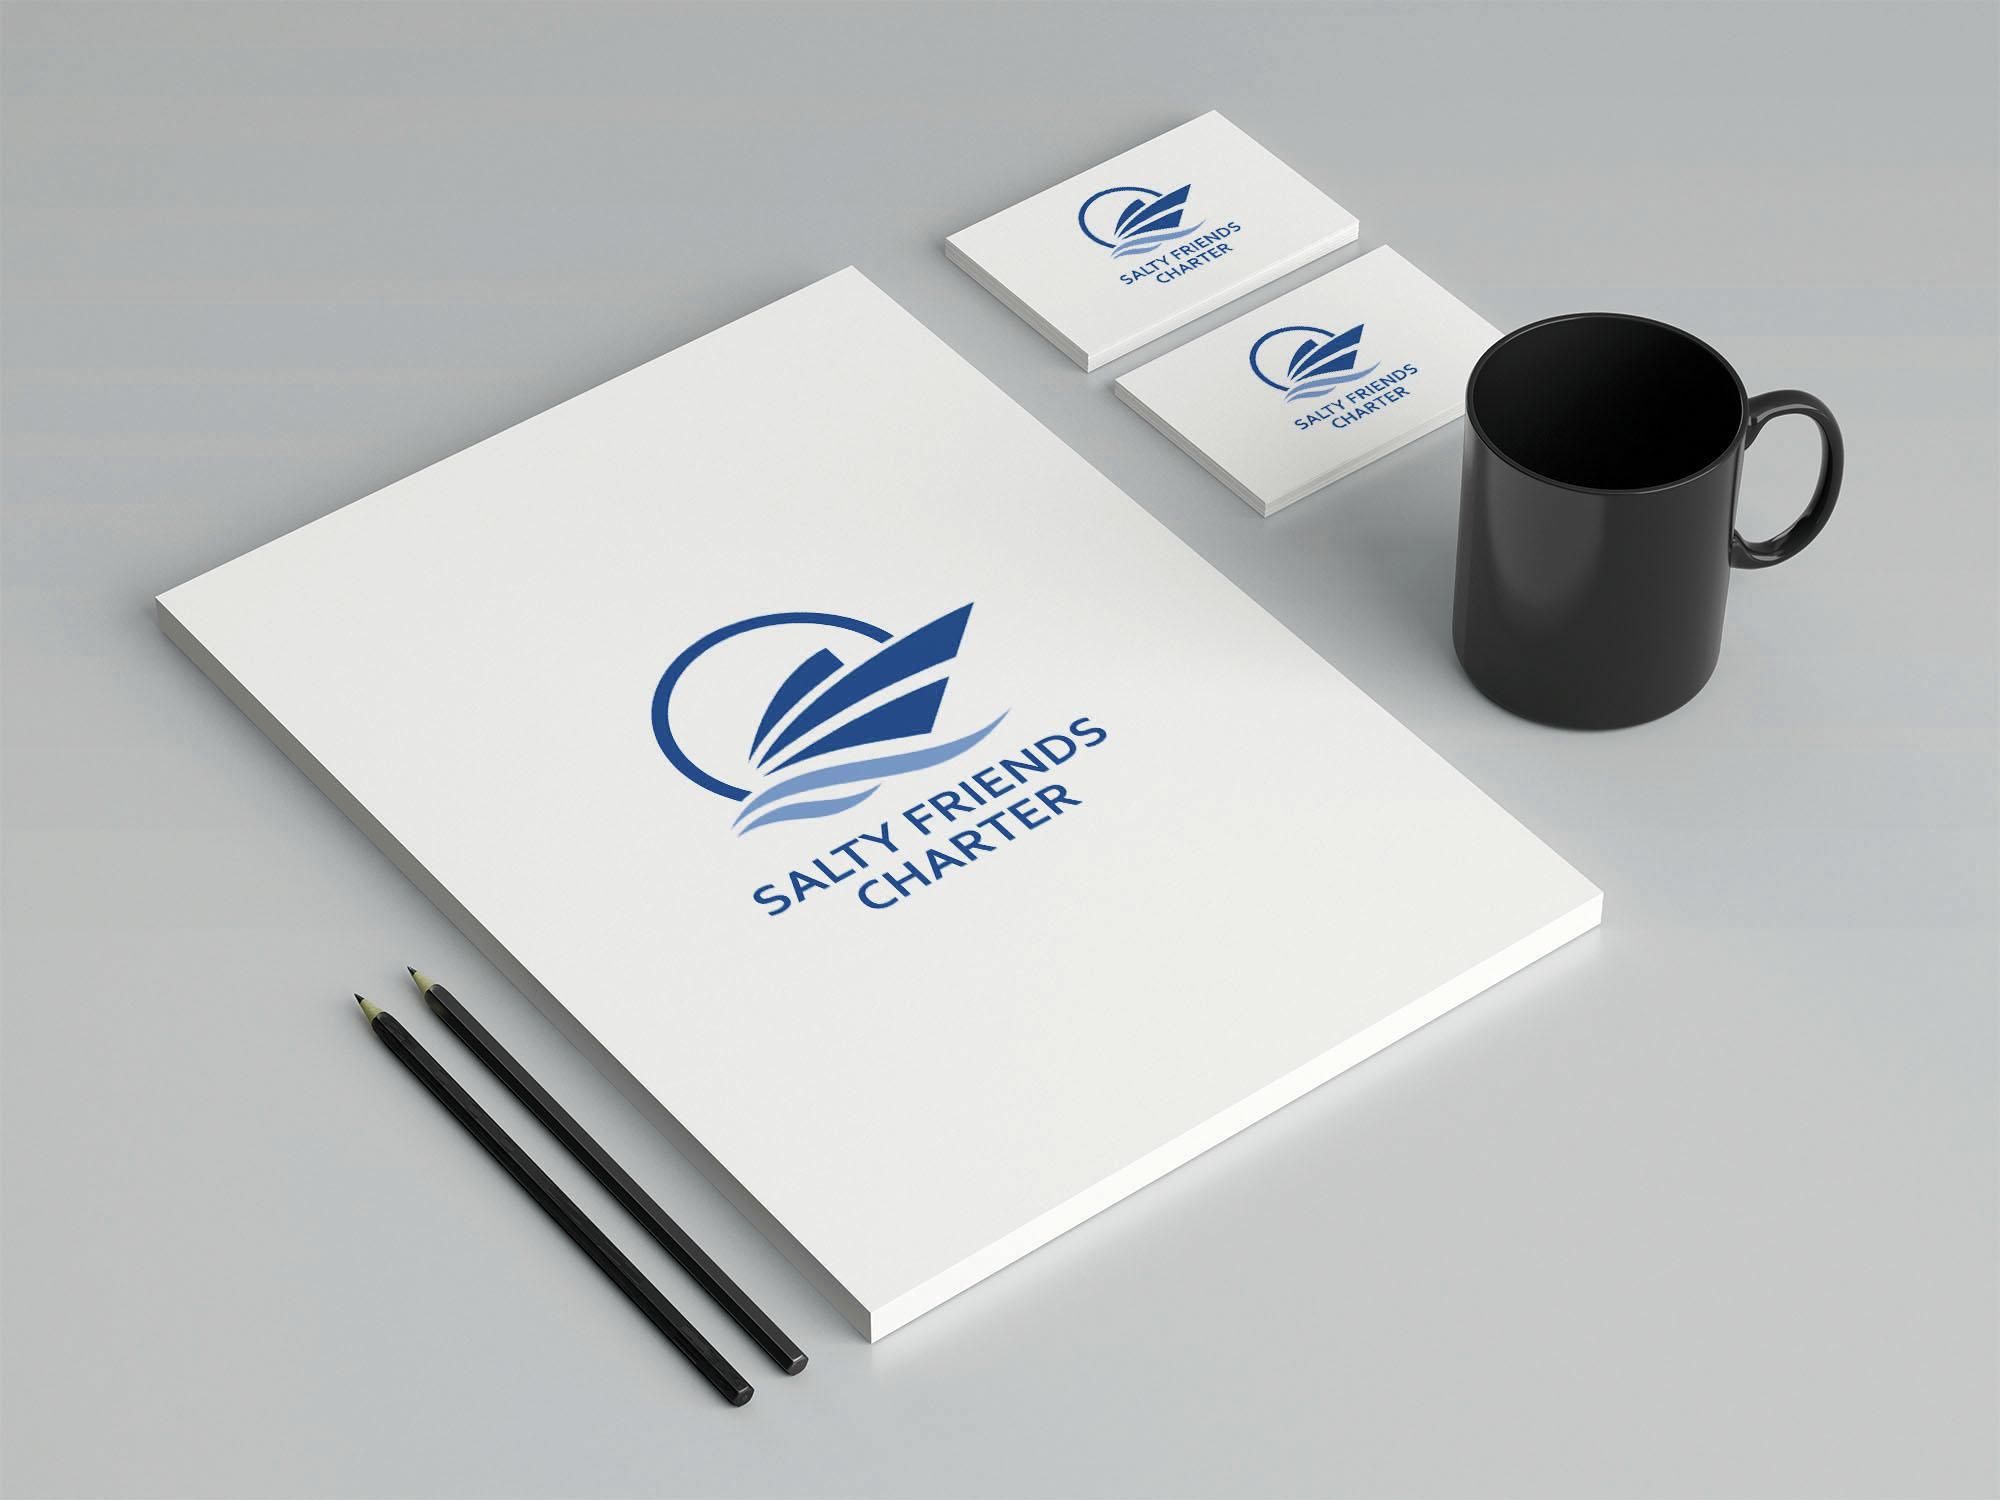 Разработка логотипа и наименования для чартерной компании  фото f_3455a96ca7089304.jpg